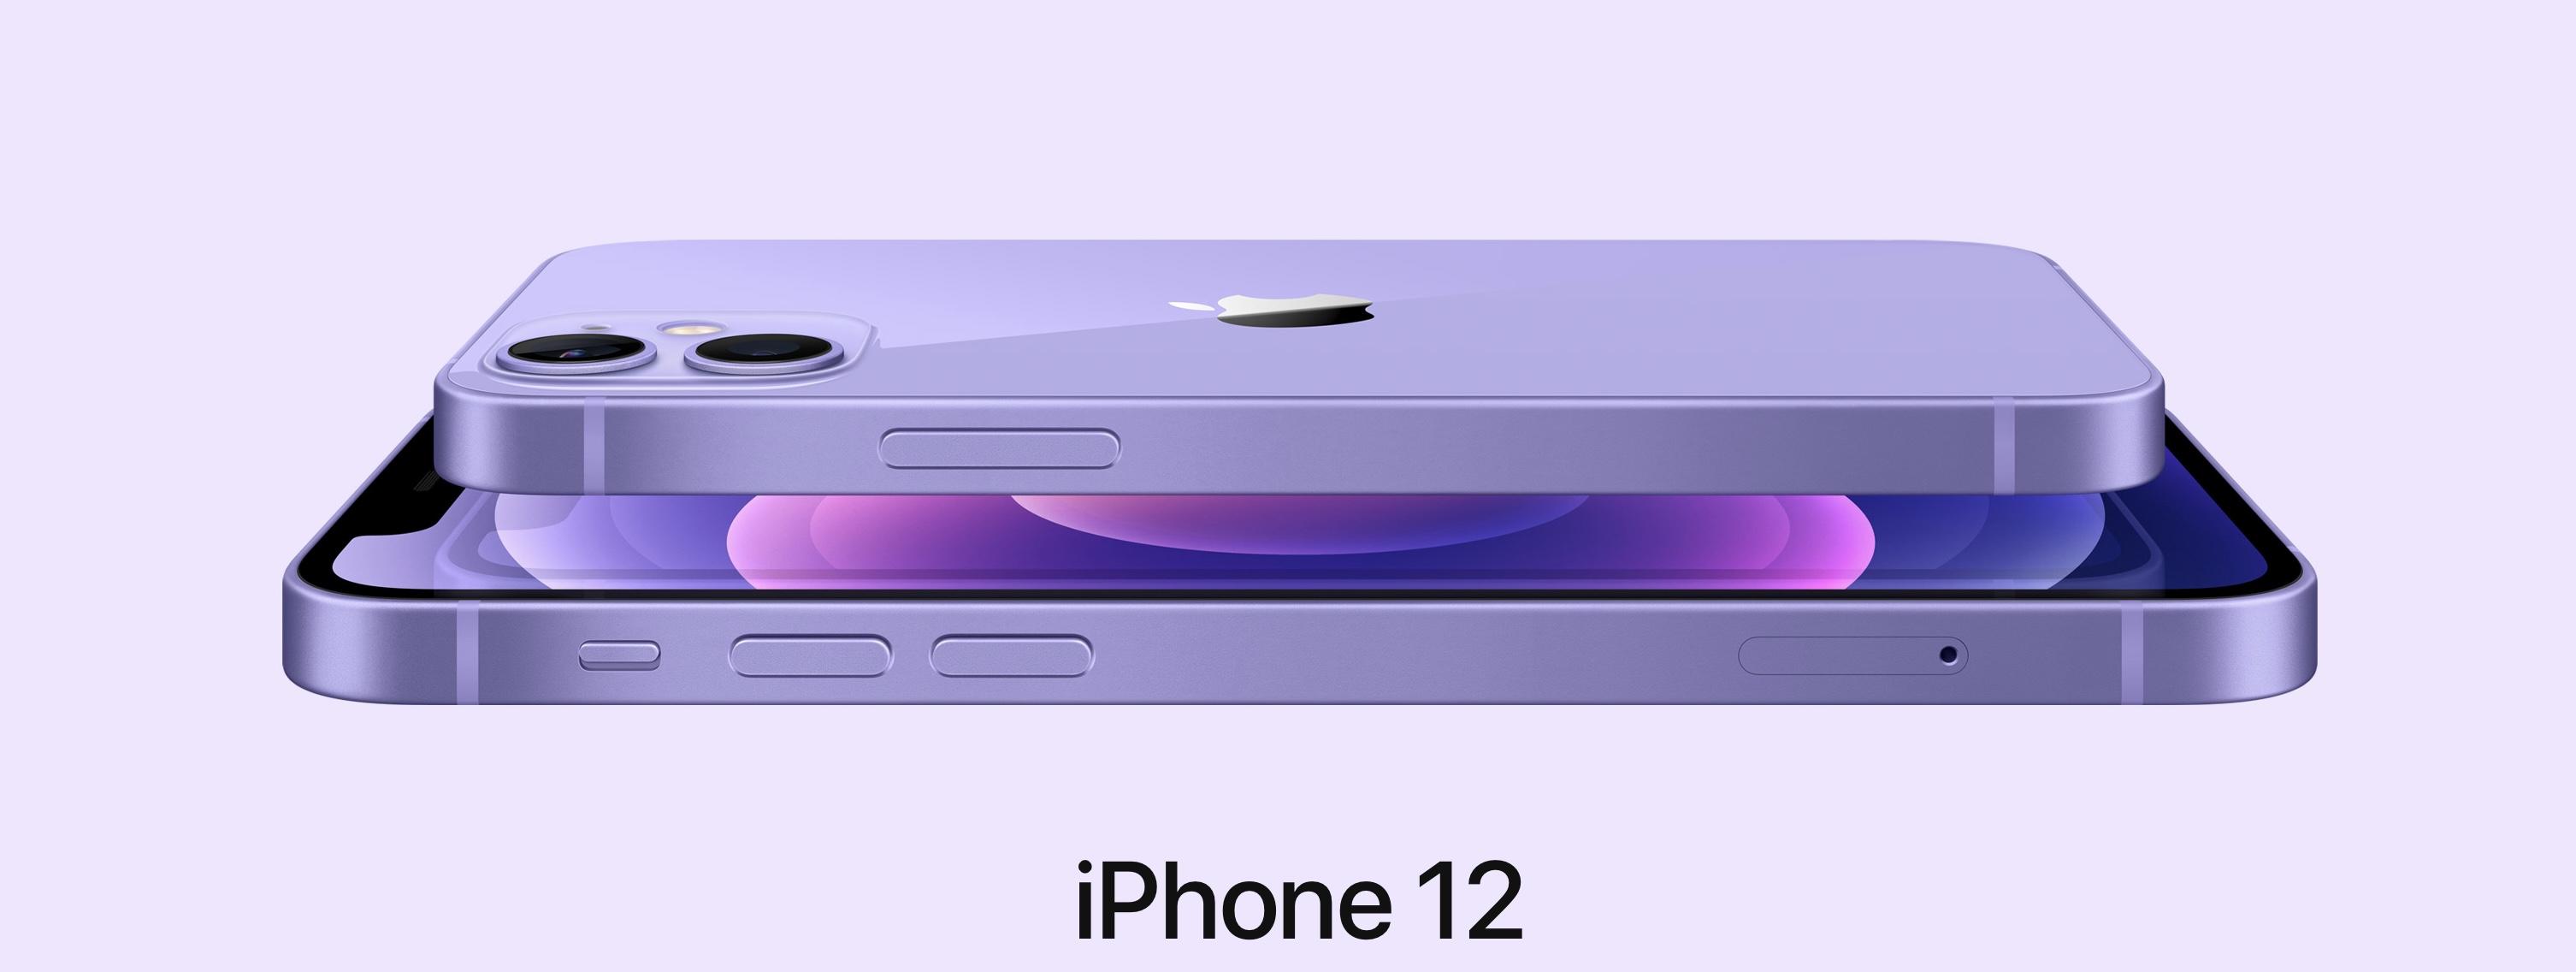 เปิดตัว iPhone 12 และ iPhone 12 mini ใหม่ในสีม่วงสวยสะดุดตา